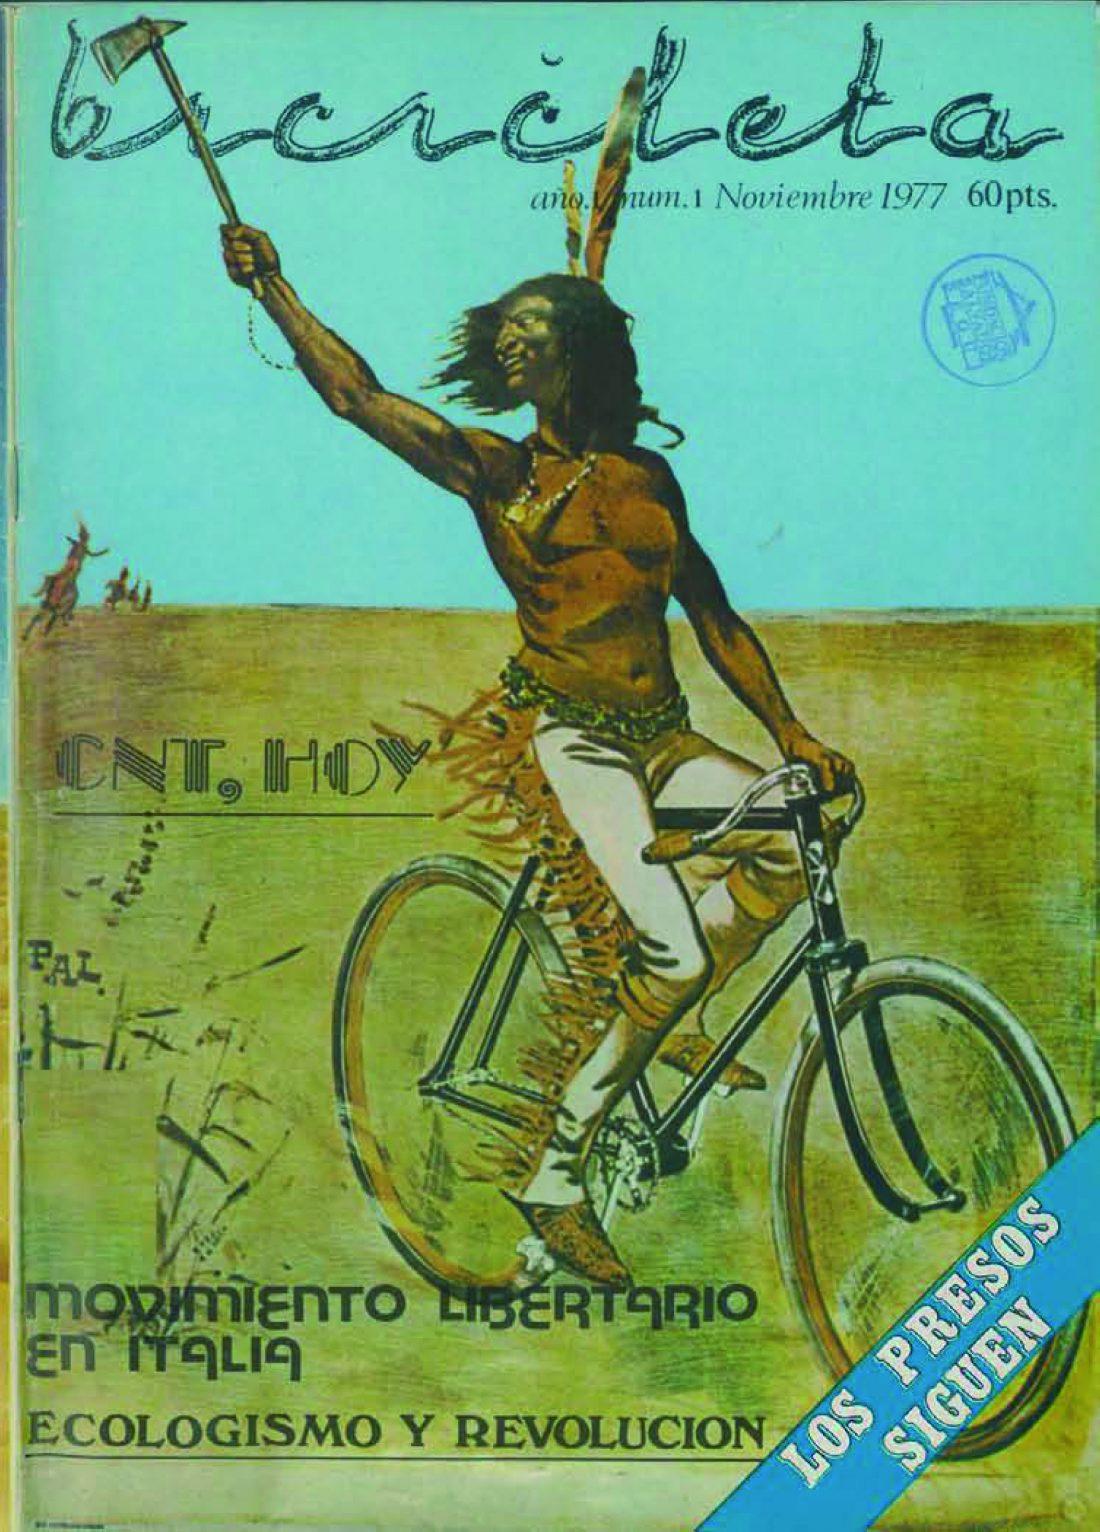 Bicicleta núm. 1